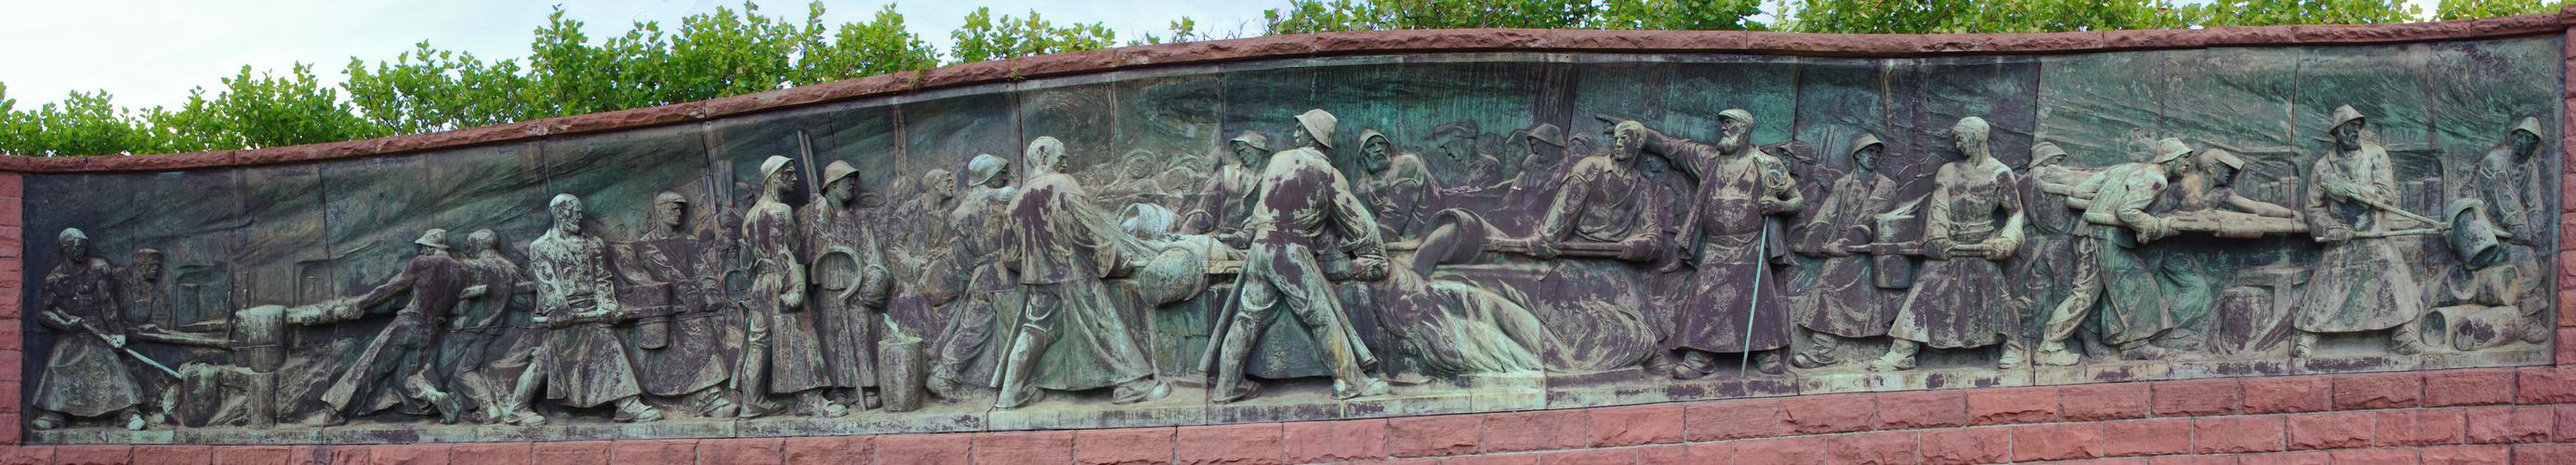 Tiegelguss- Denkmal in Essen